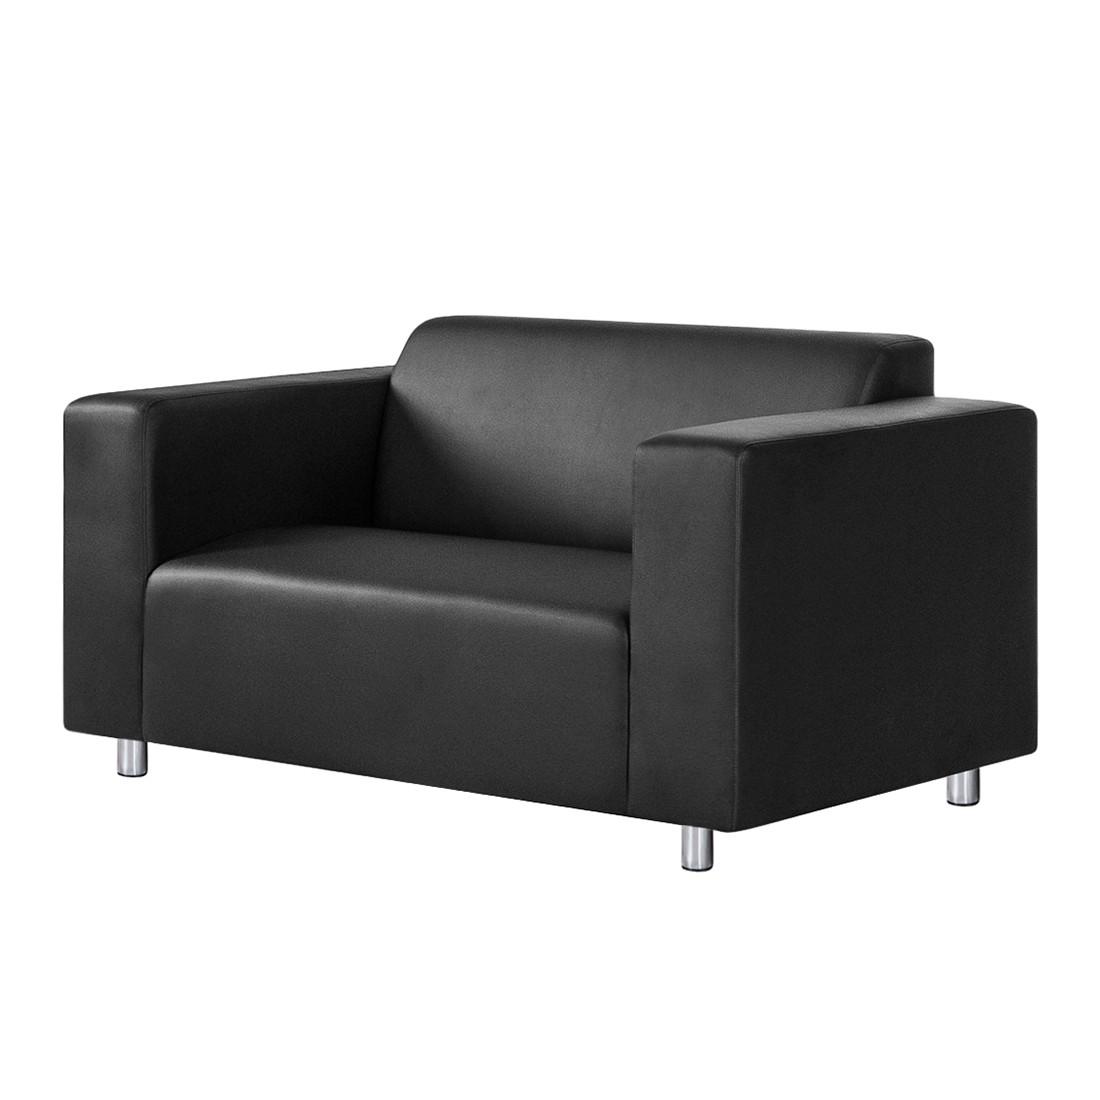 Canapé Oslo (2 places) - Imitation cuir noir, mooved